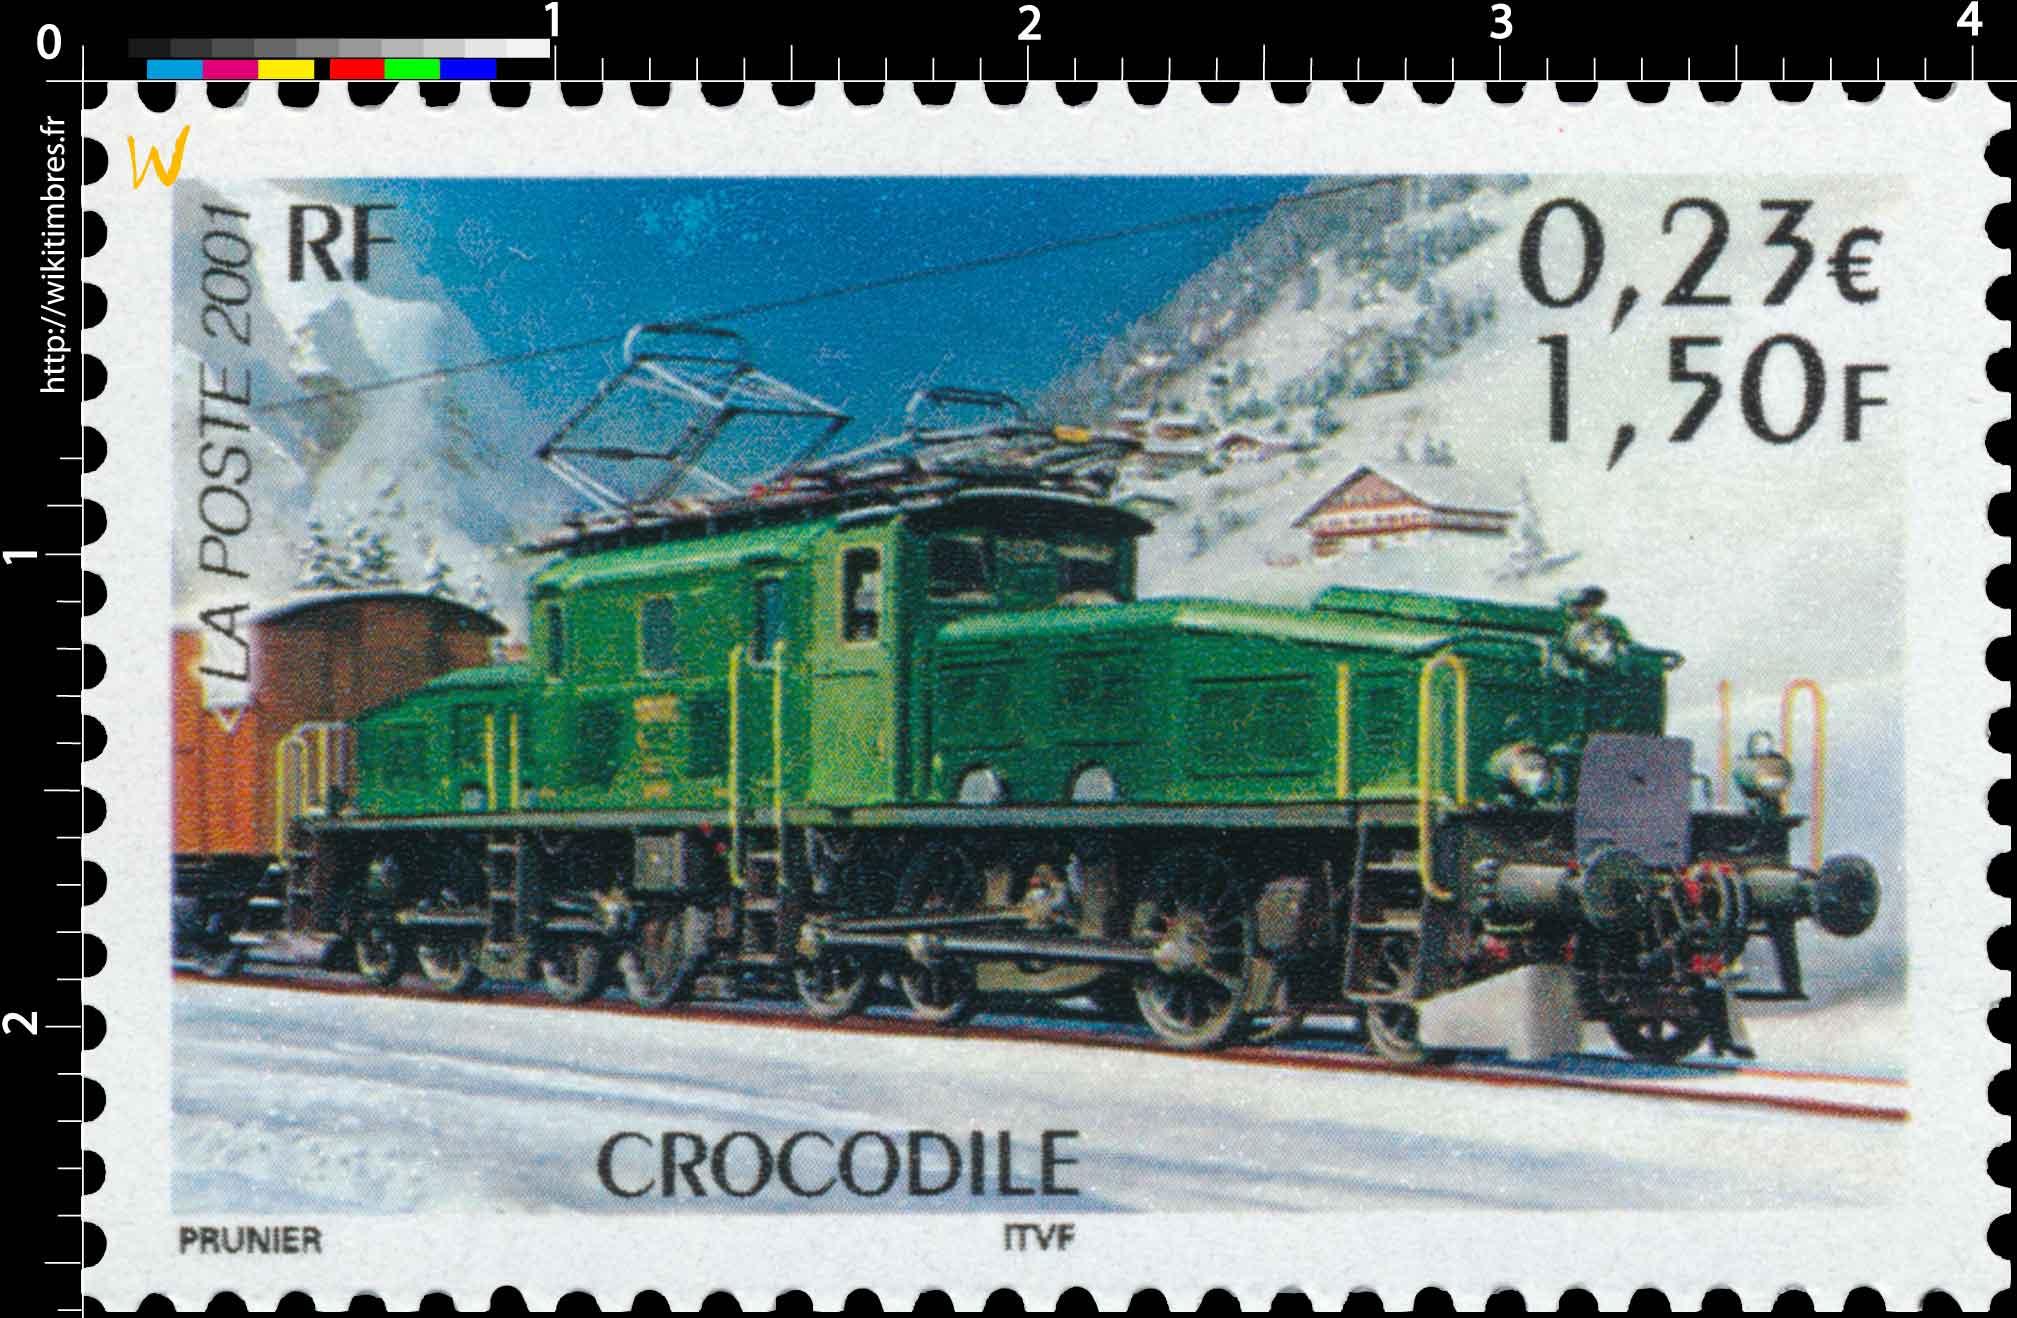 2001 CROCODILE